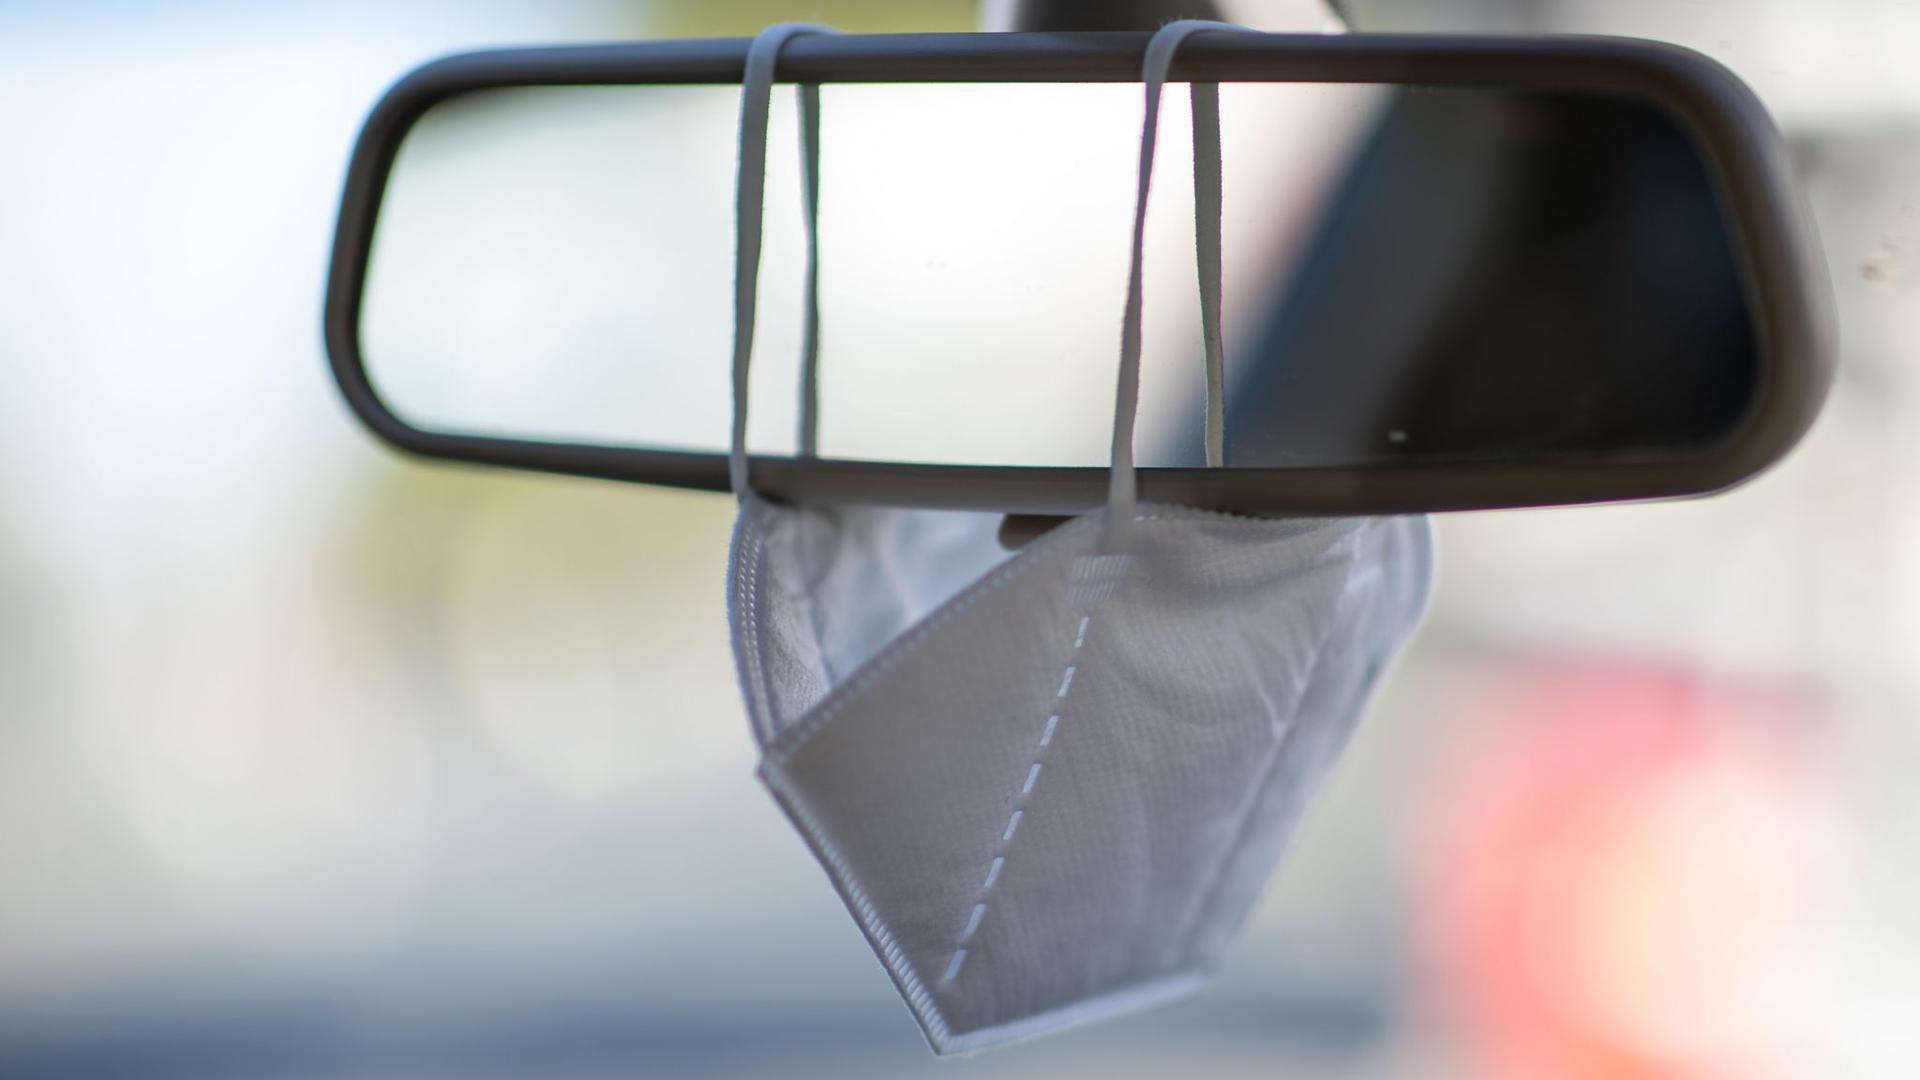 Eine FFP2-Maske hängt am Rückspiegel eines Autos (Symbolbild).